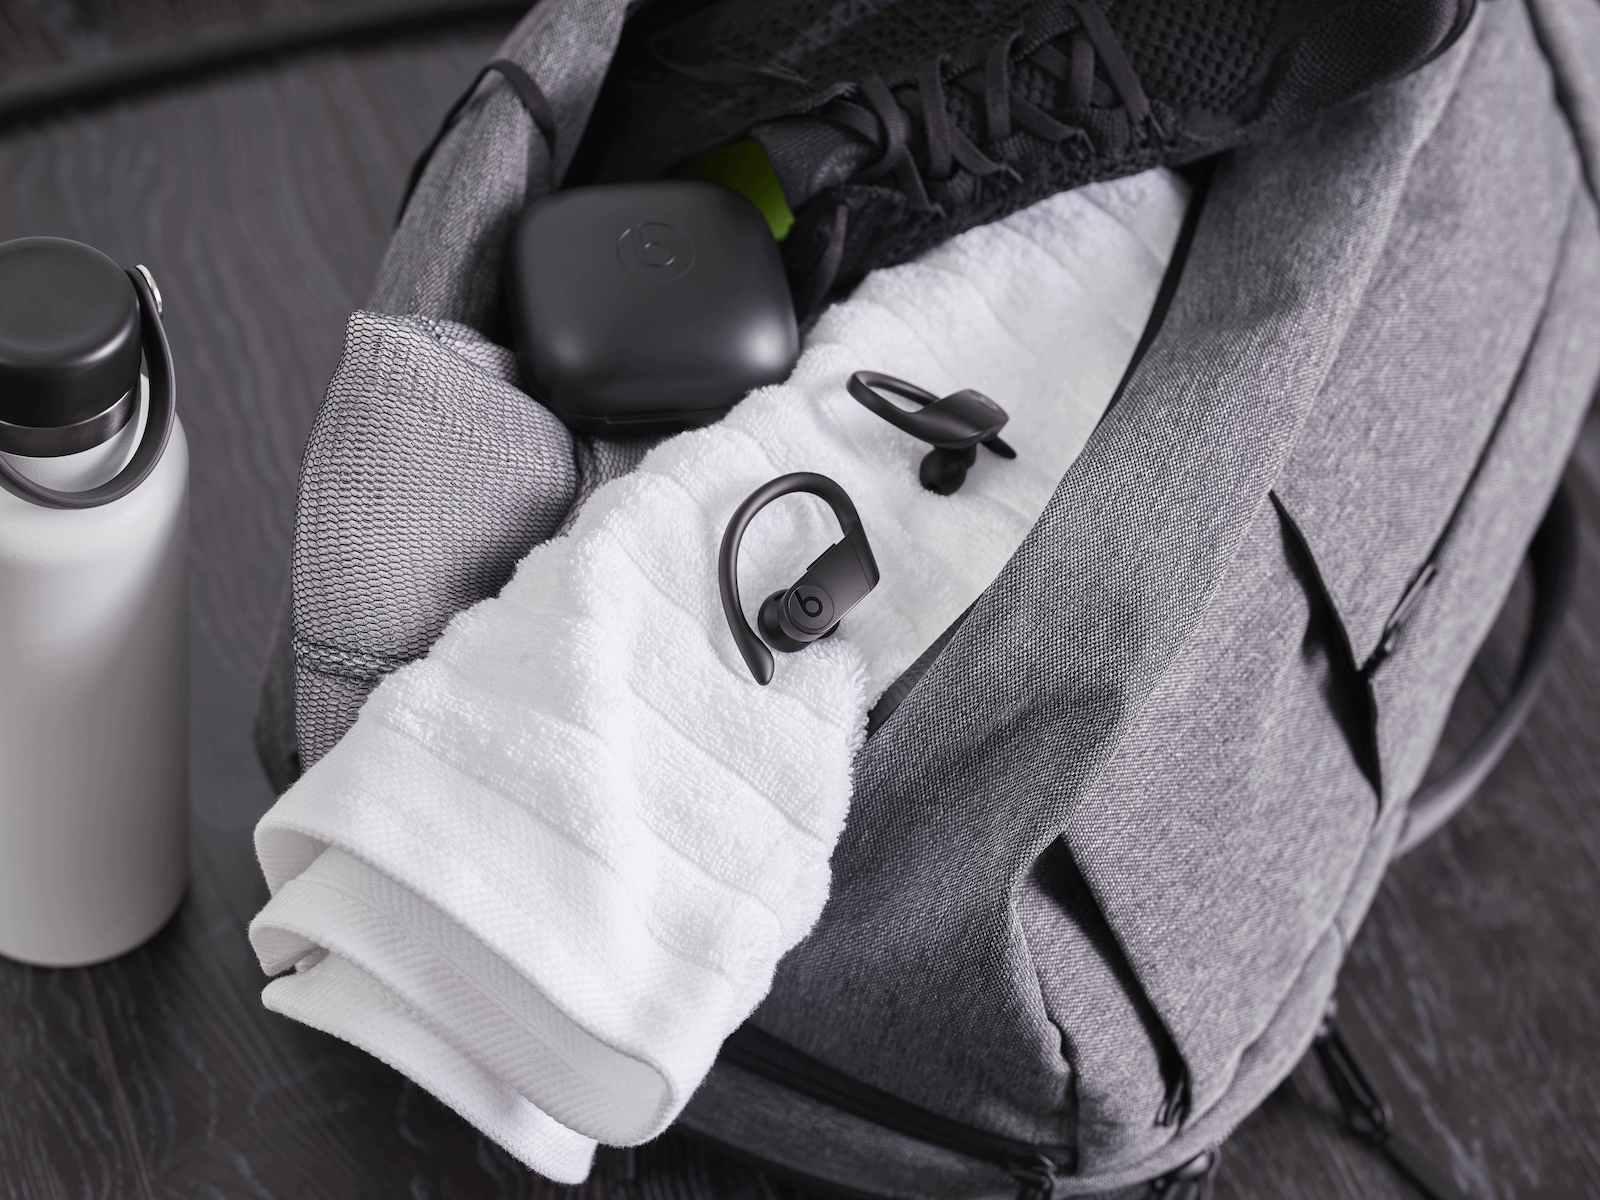 PP Lifestyle PBPRO BLK Towel 23804 R2a RGB